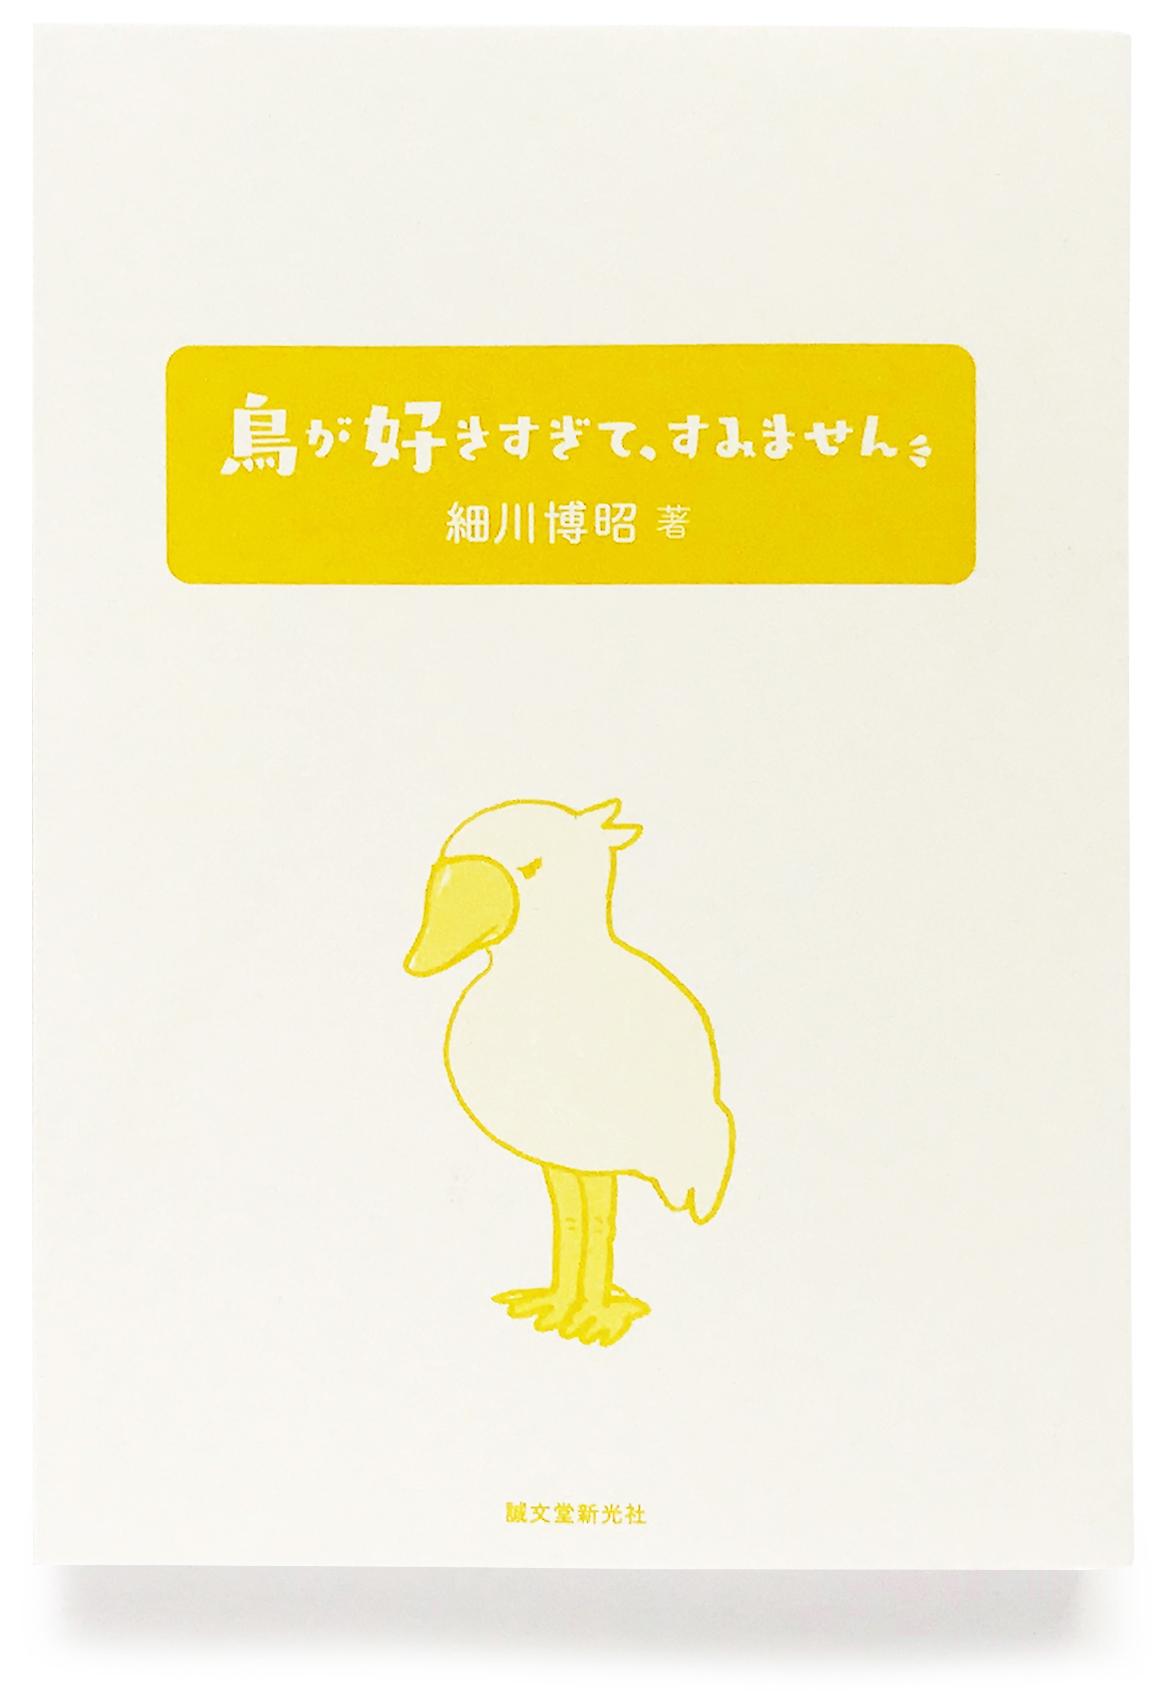 『鳥が好きすぎて、すみません』 1